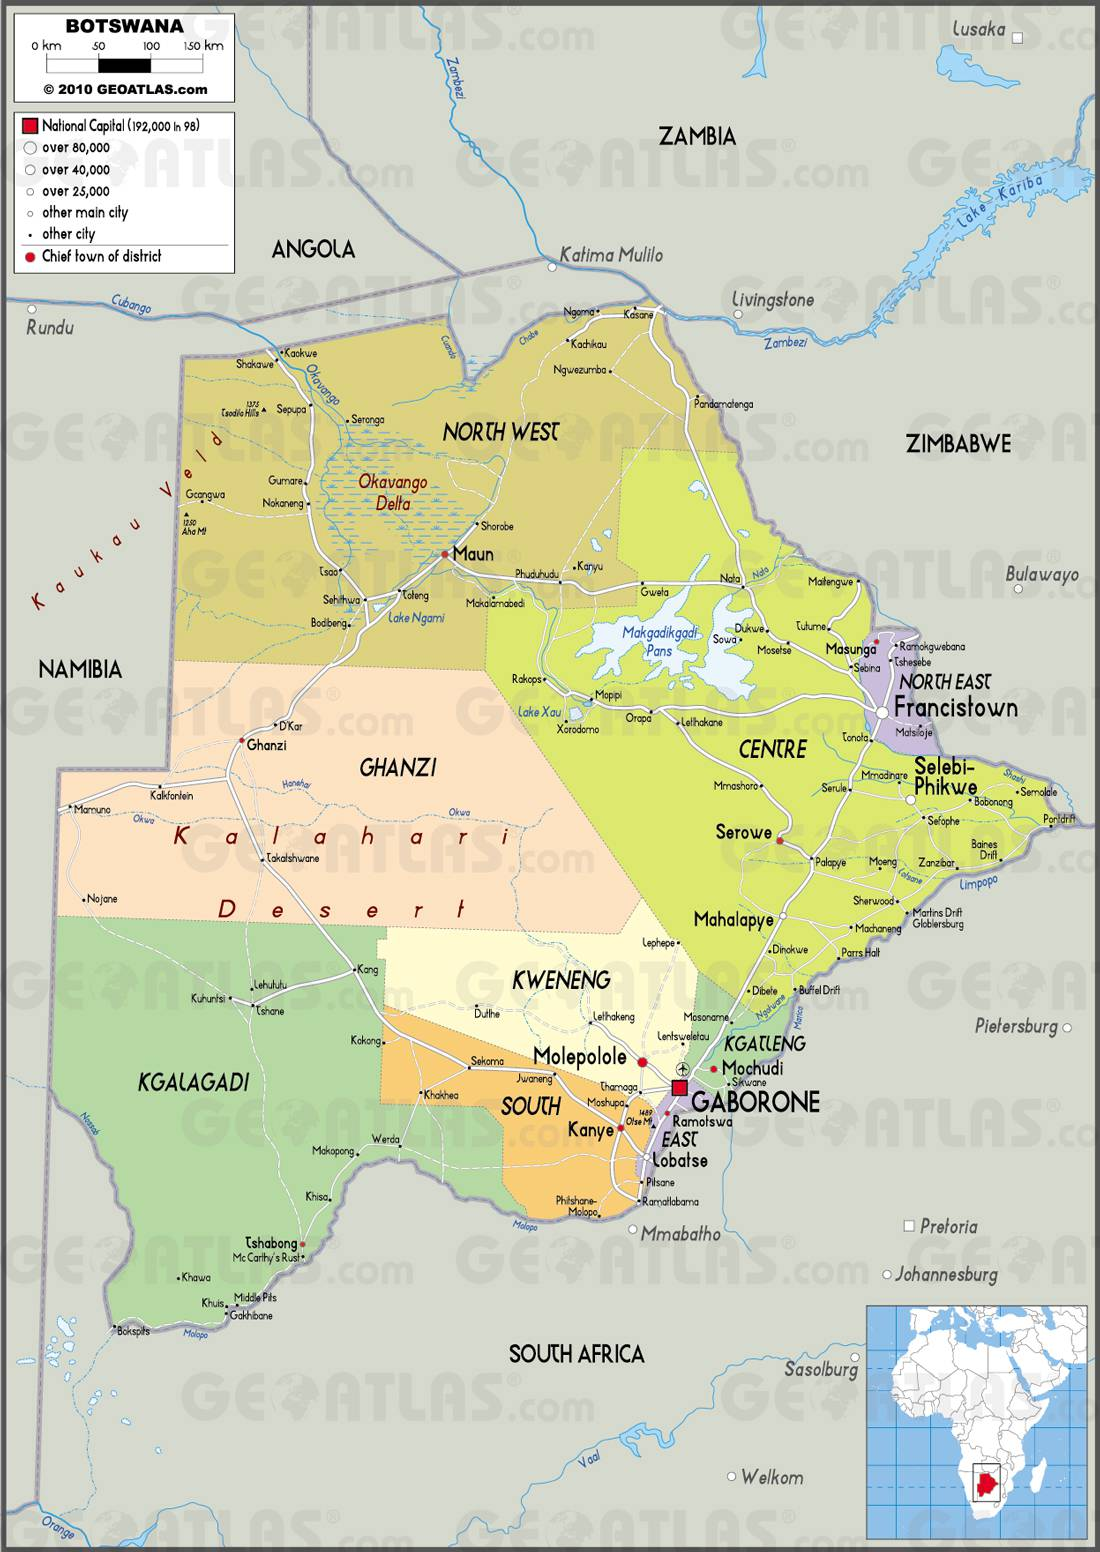 Carte des régions du Bostwana